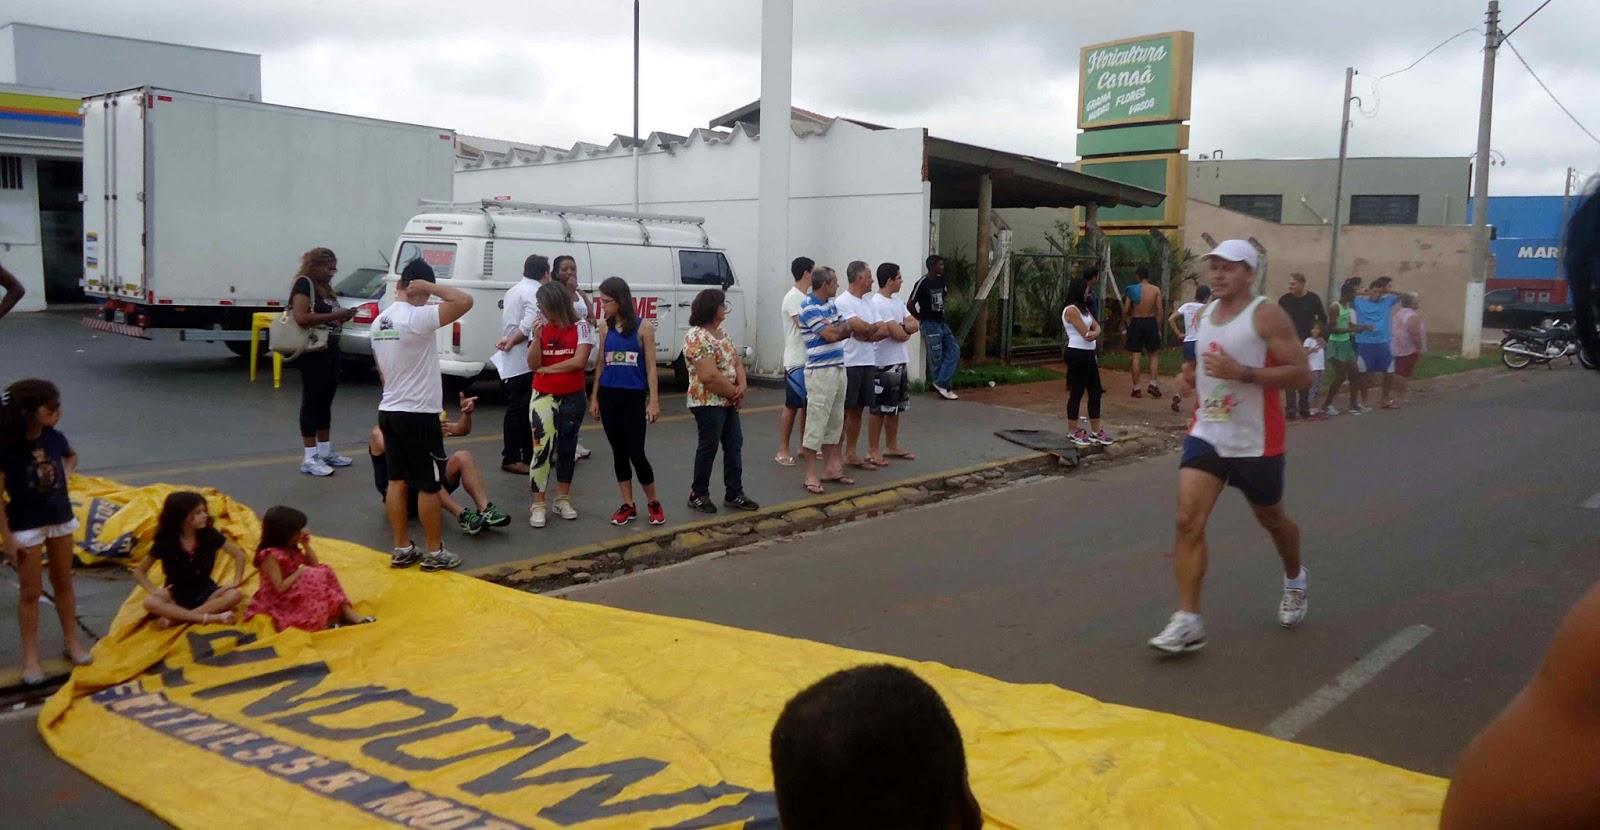 Foto 189 da 1ª Corrida Av. dos Coqueiros em Barretos-SP 14/04/2013 – Atletas cruzando a linha de chegada